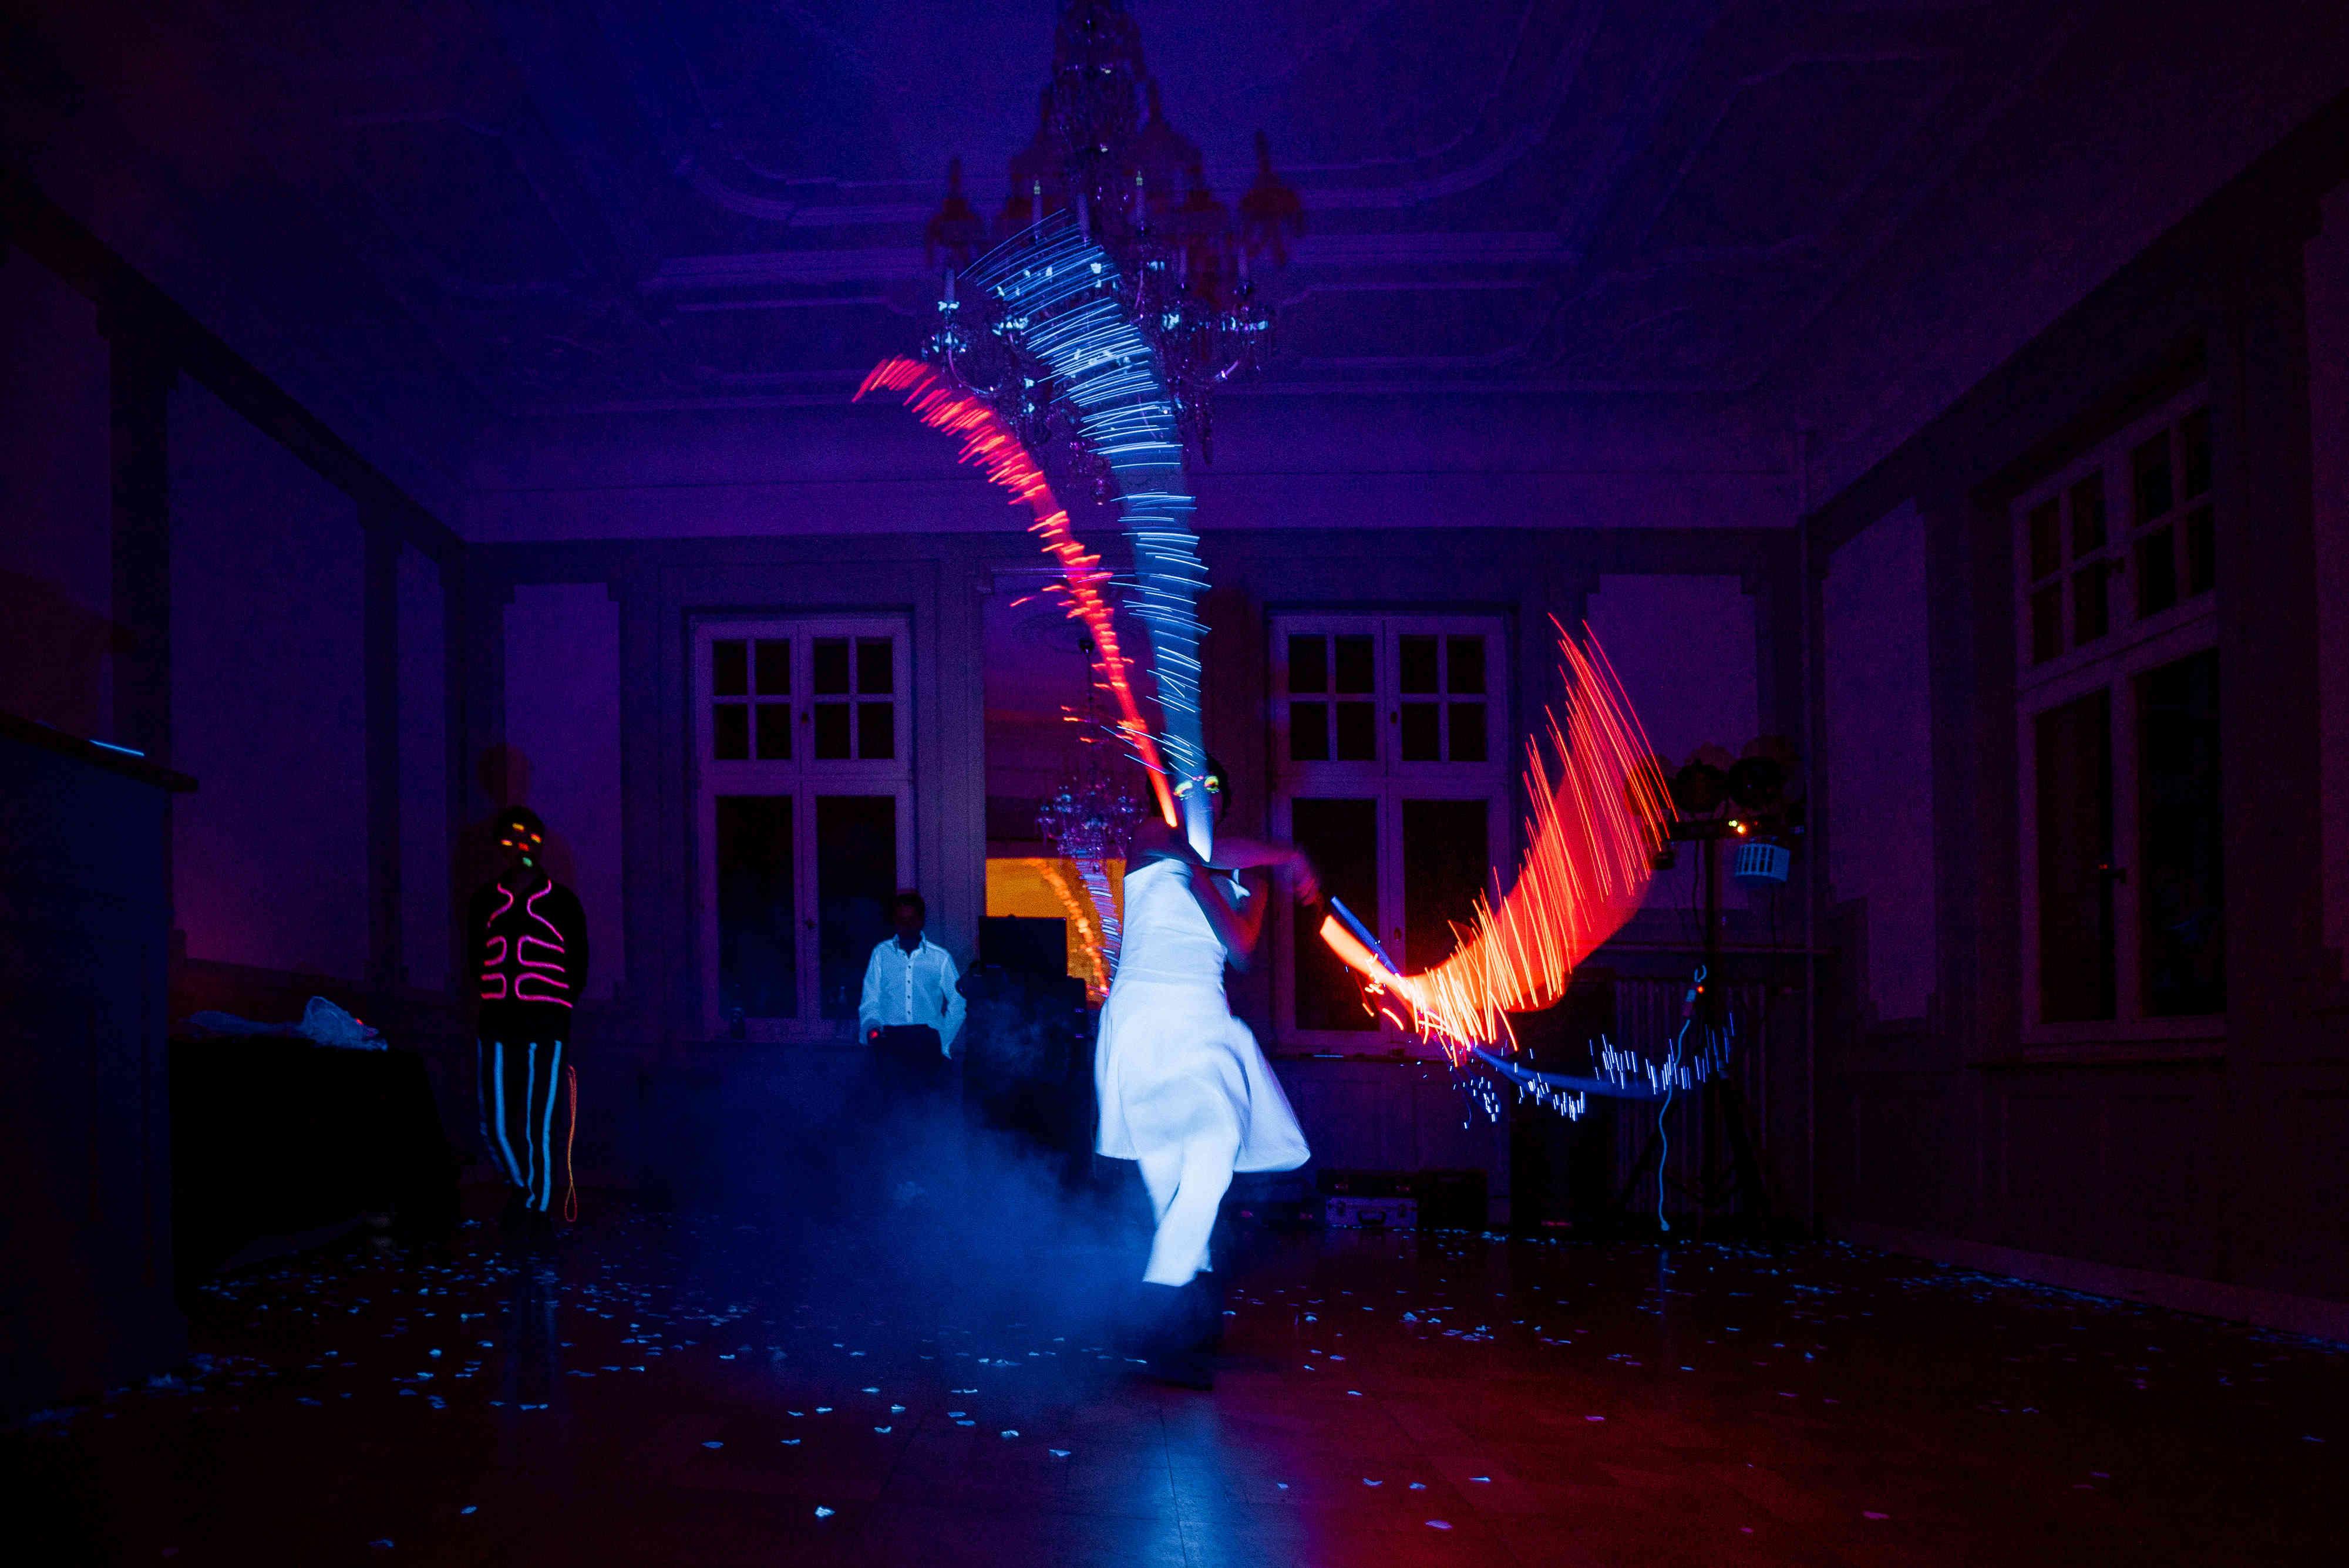 Lichtshow Schwarzlicht LED Show & Spektakel